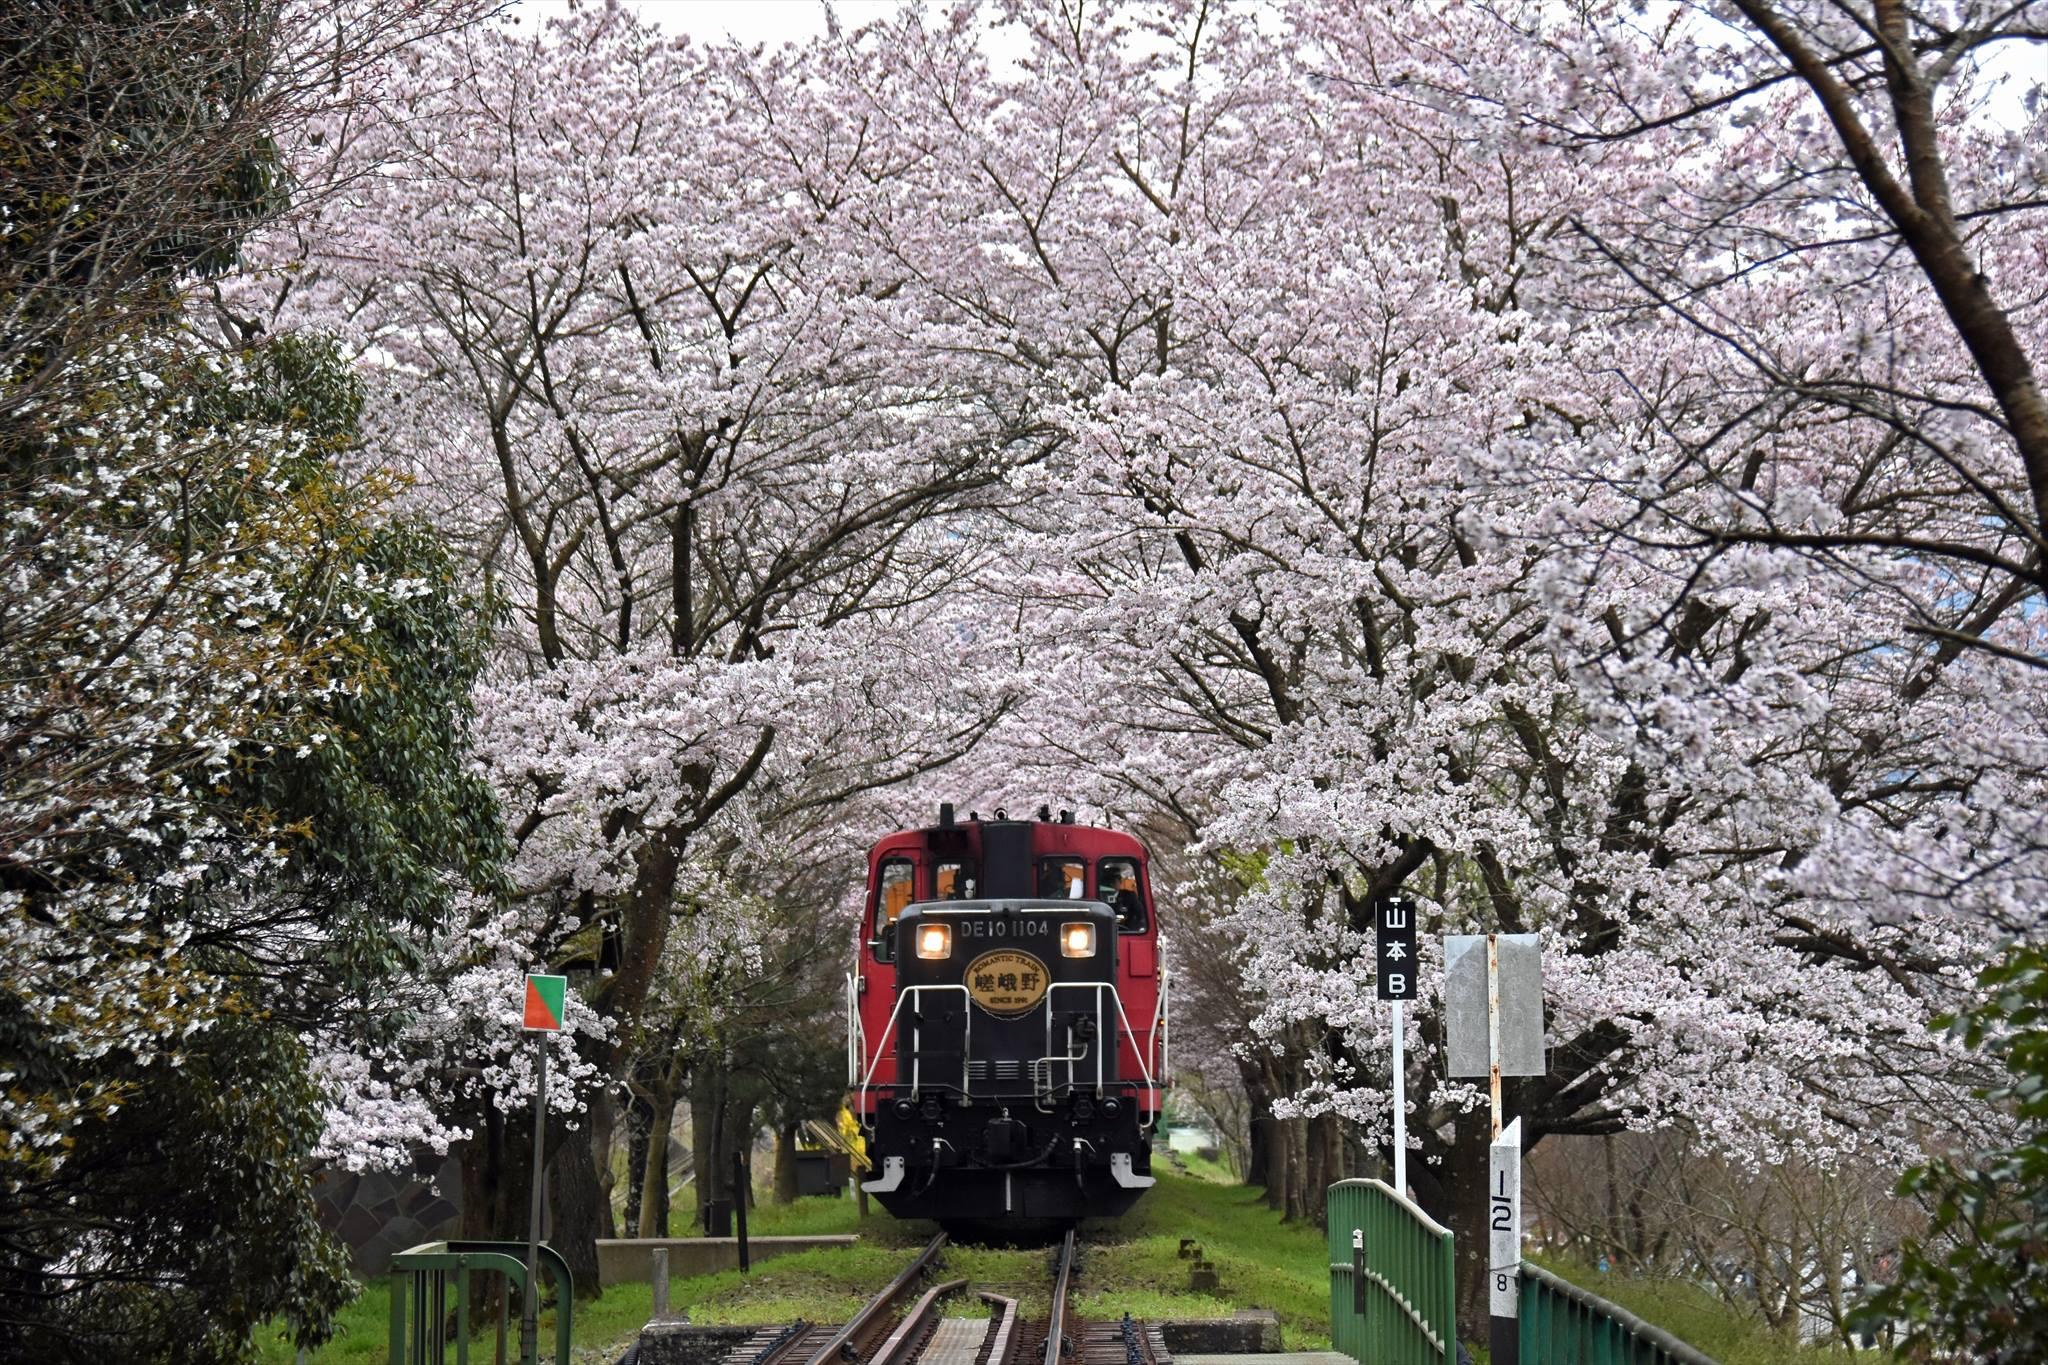 搭乘嵐山小火車賞櫻花美景,既愜意又輕鬆。(圖片取自嵯峨野觀光鐵道FB粉絲團)